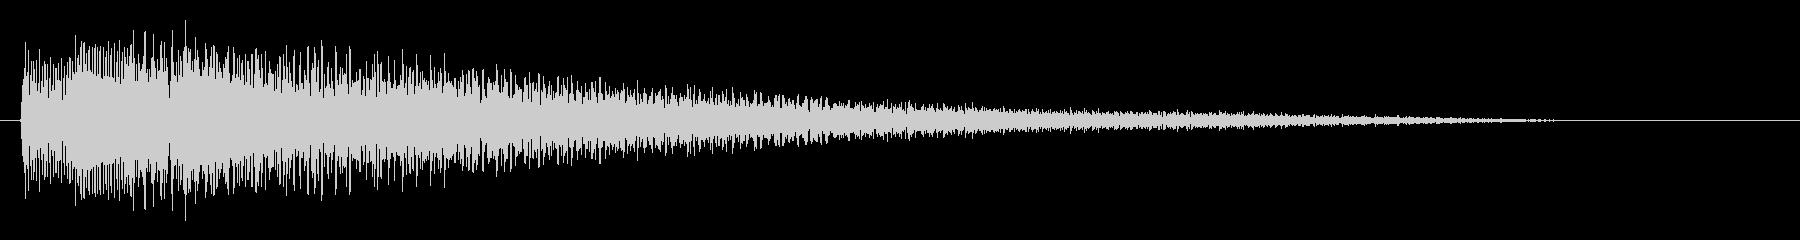 【ピアノ生演奏】少し物悲しいジングルの未再生の波形